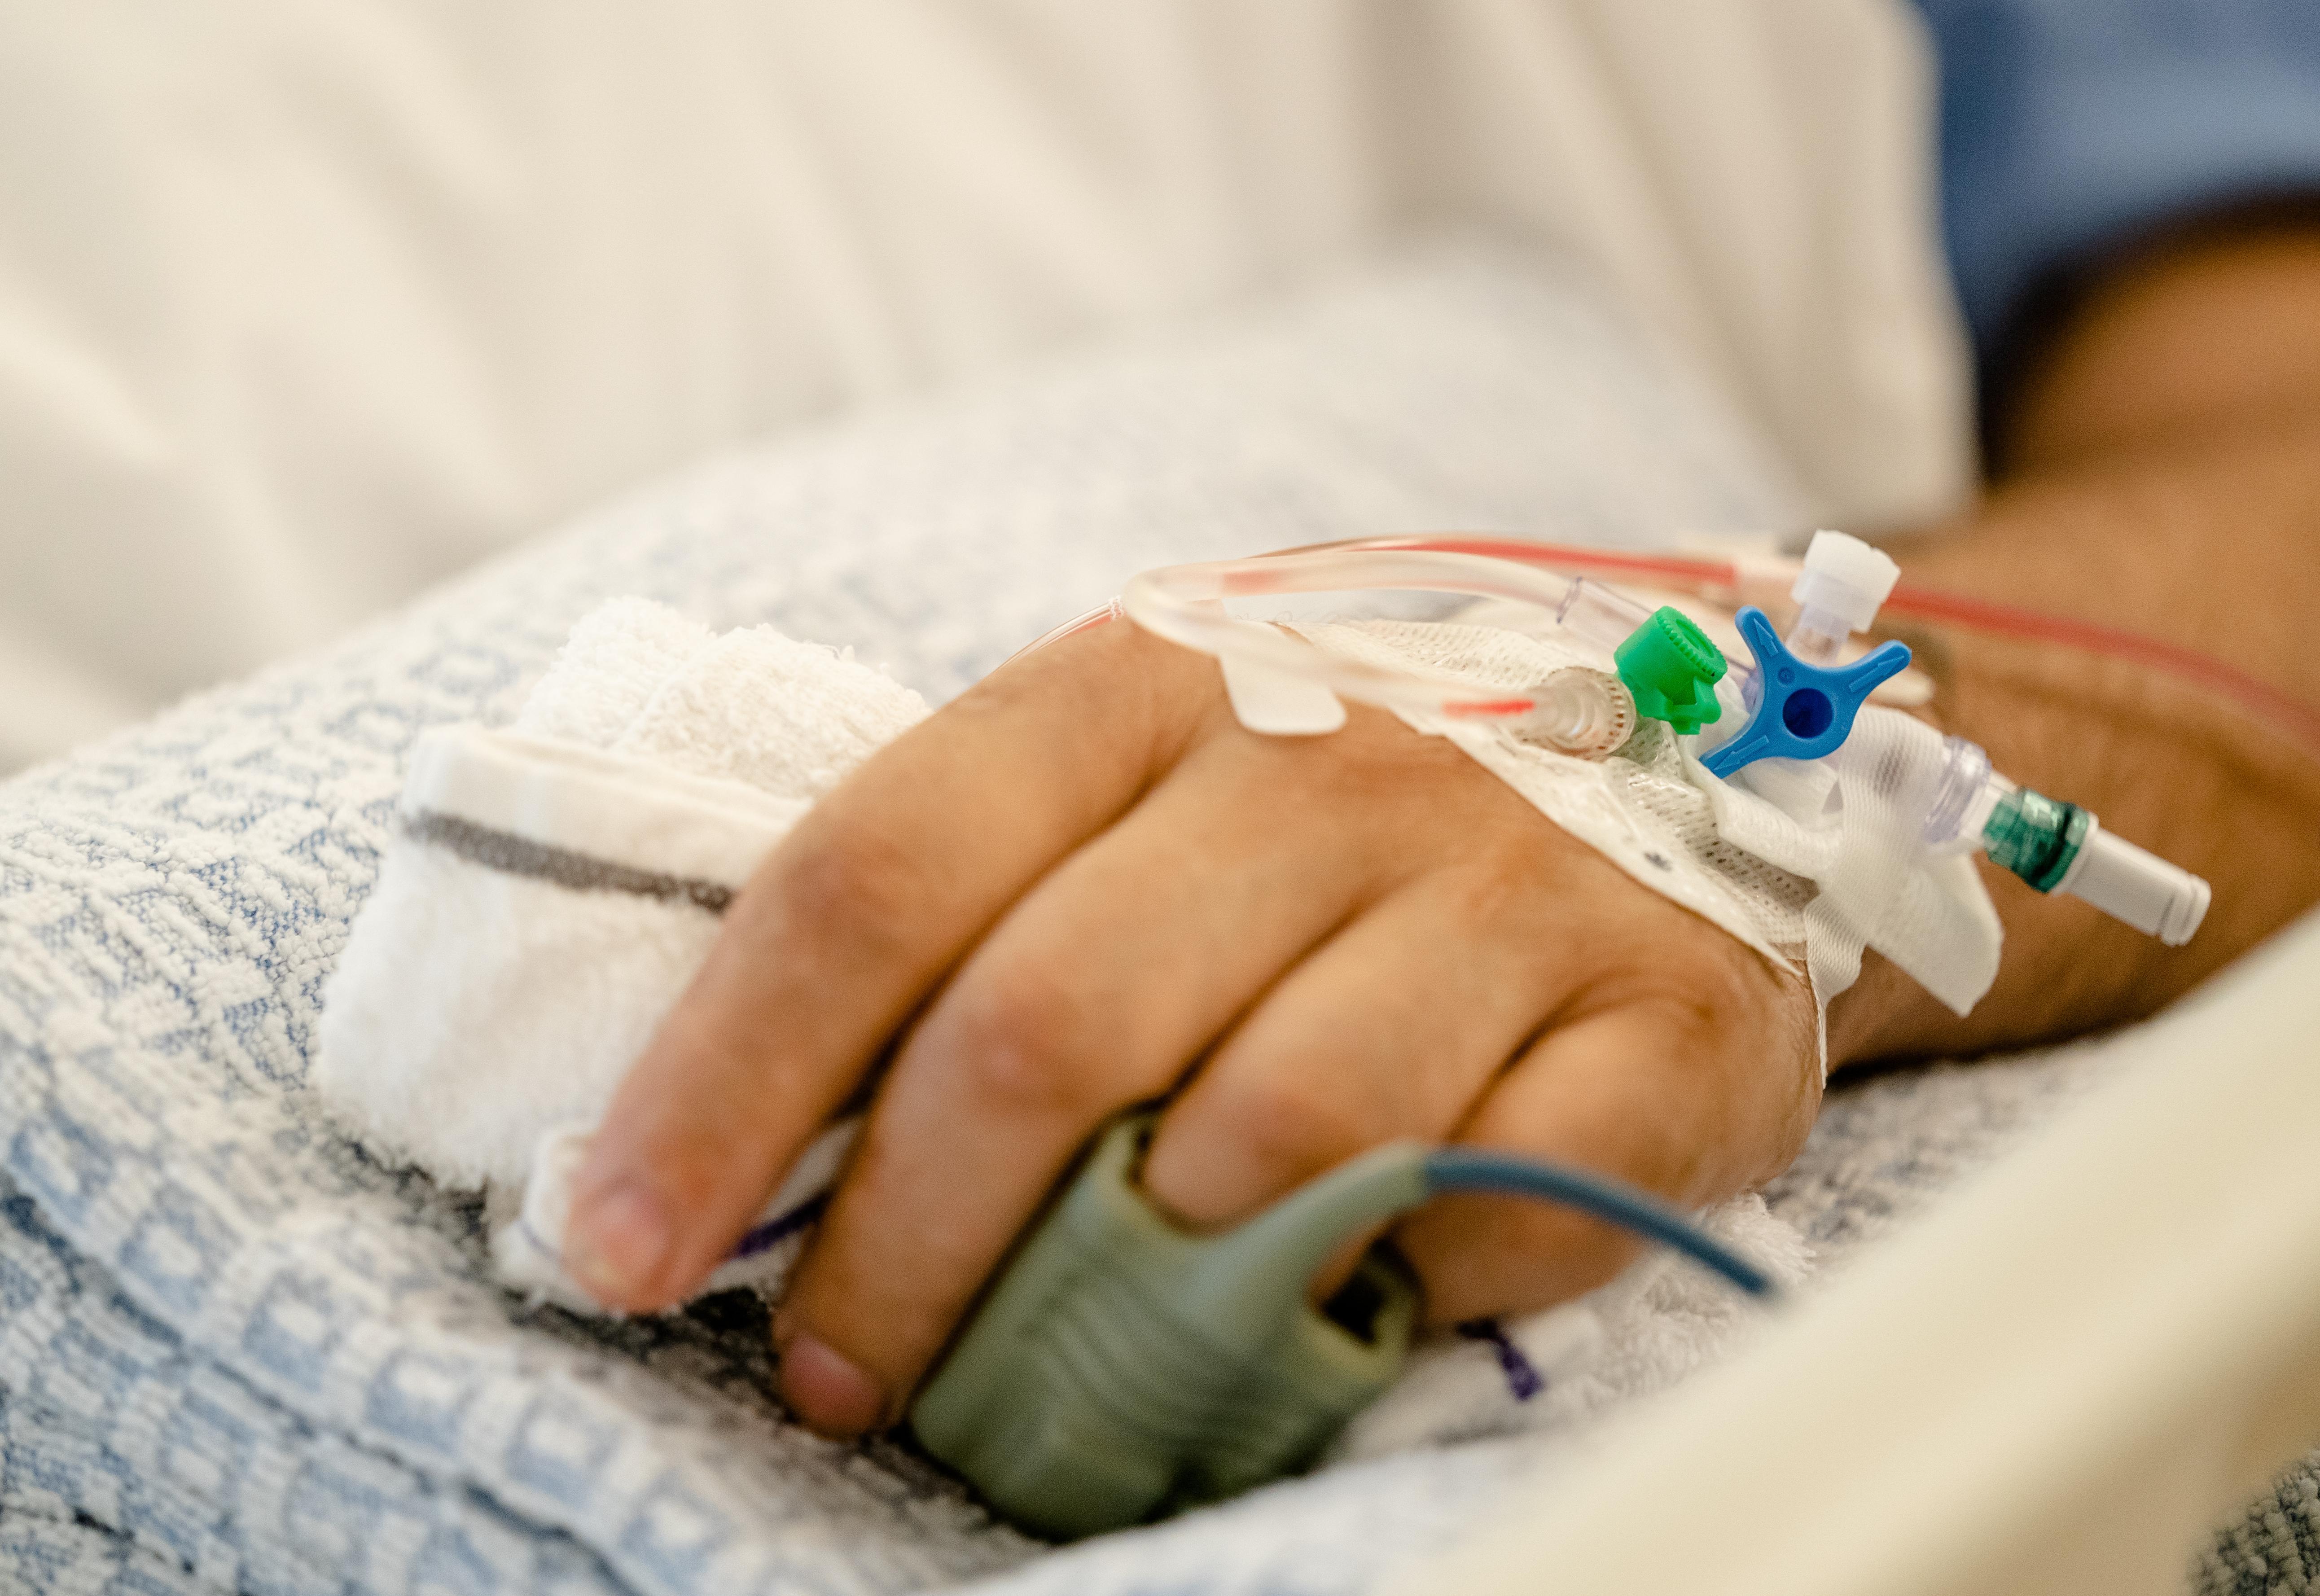 Onderzoekers LUMC: 'Betere leefstijl versterkt immuunsysteem'